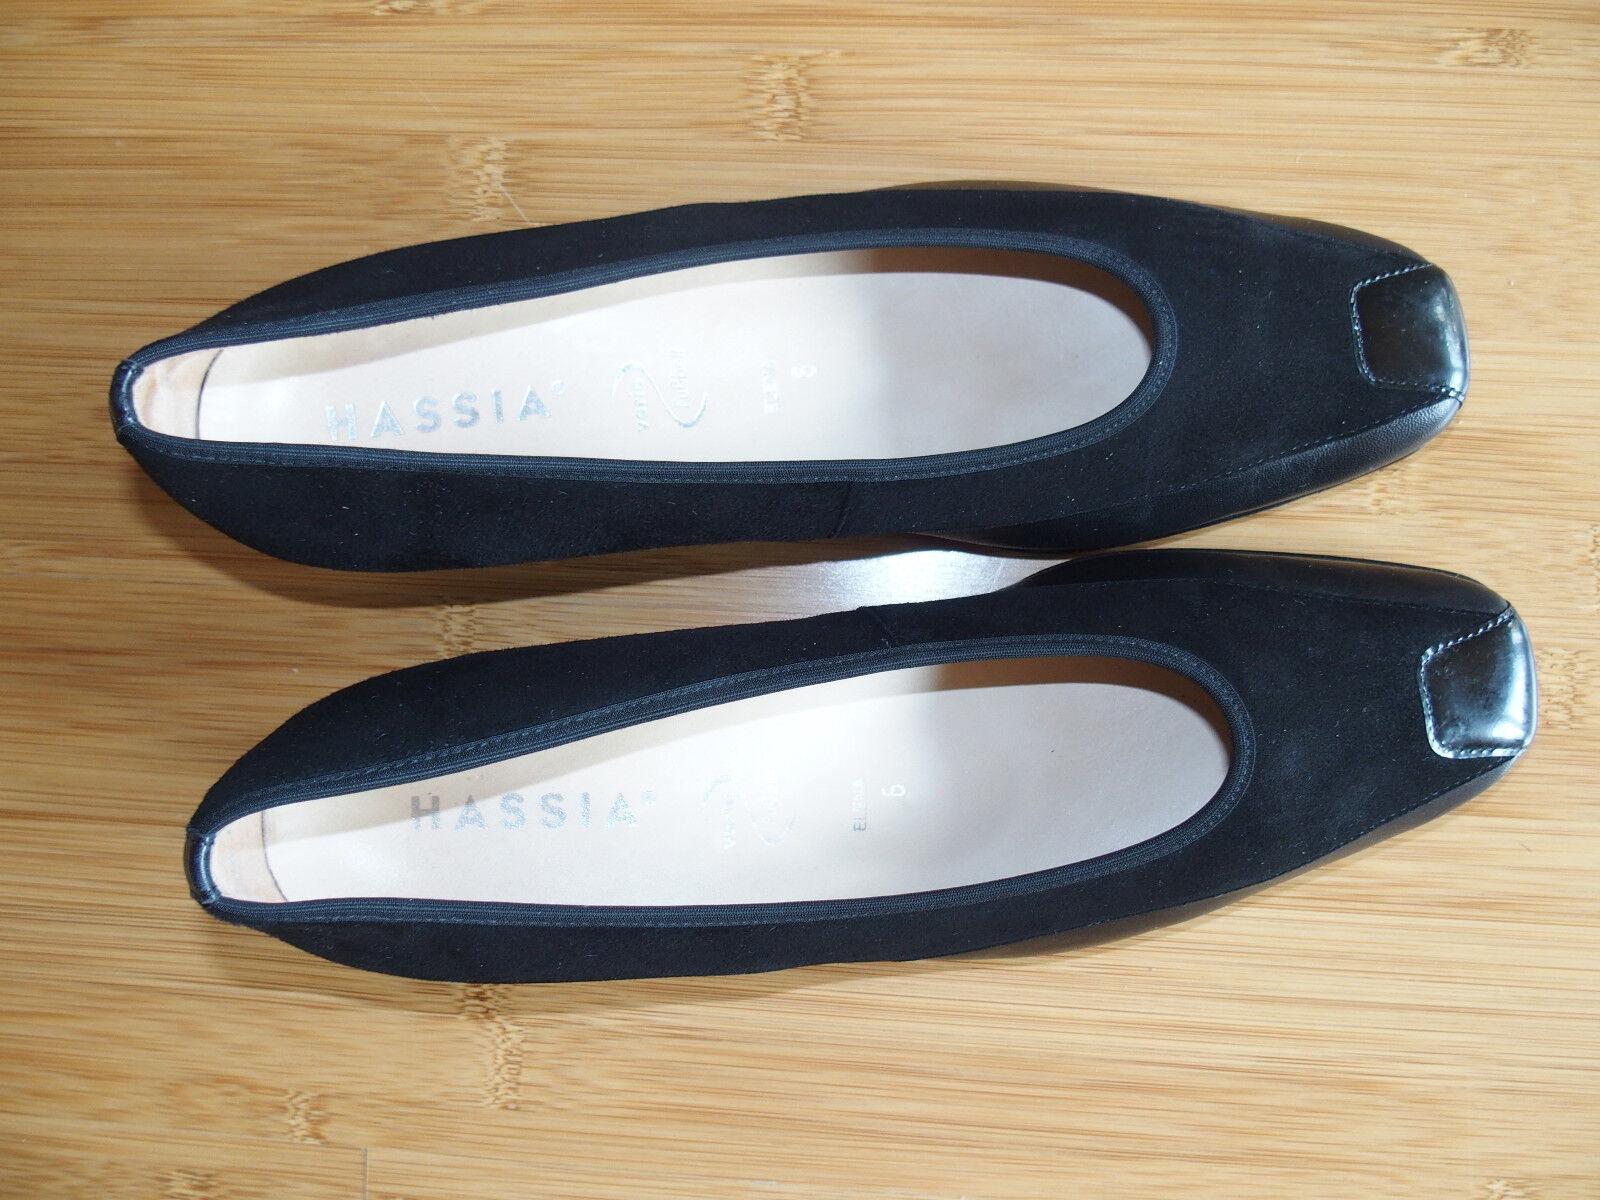 HASSIA Damenschuhe schwarz Ballerina Pumps Wildleder Leder wNEU Gr. 39 Gr. 6